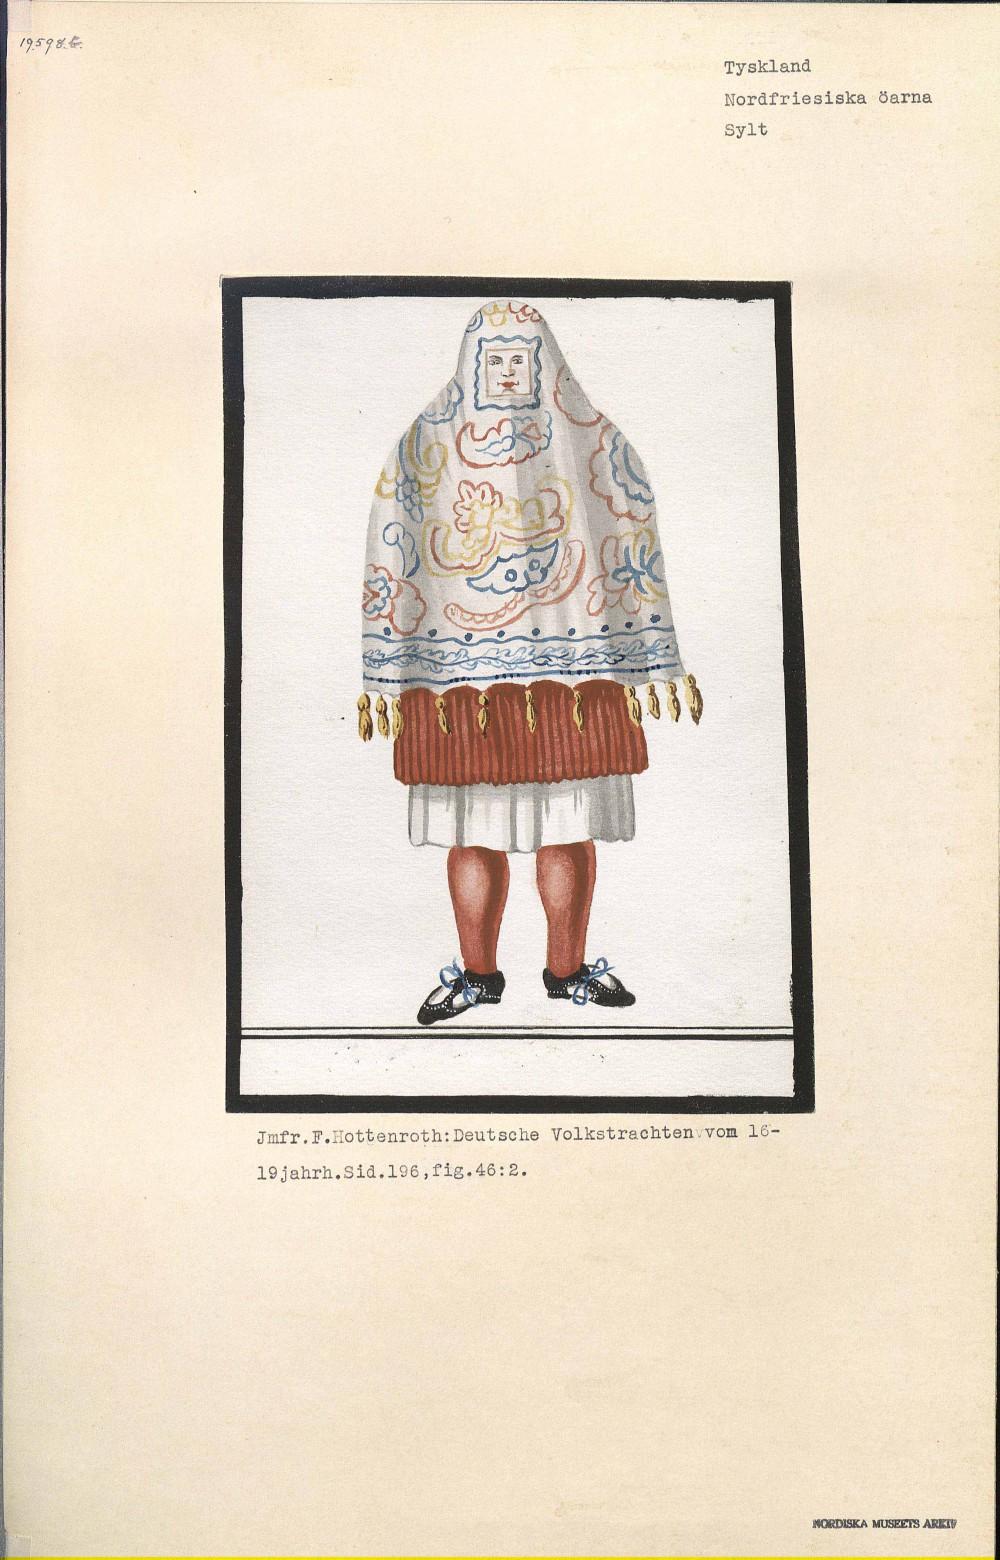 Skandinaviska-etnografiska samlingen 1